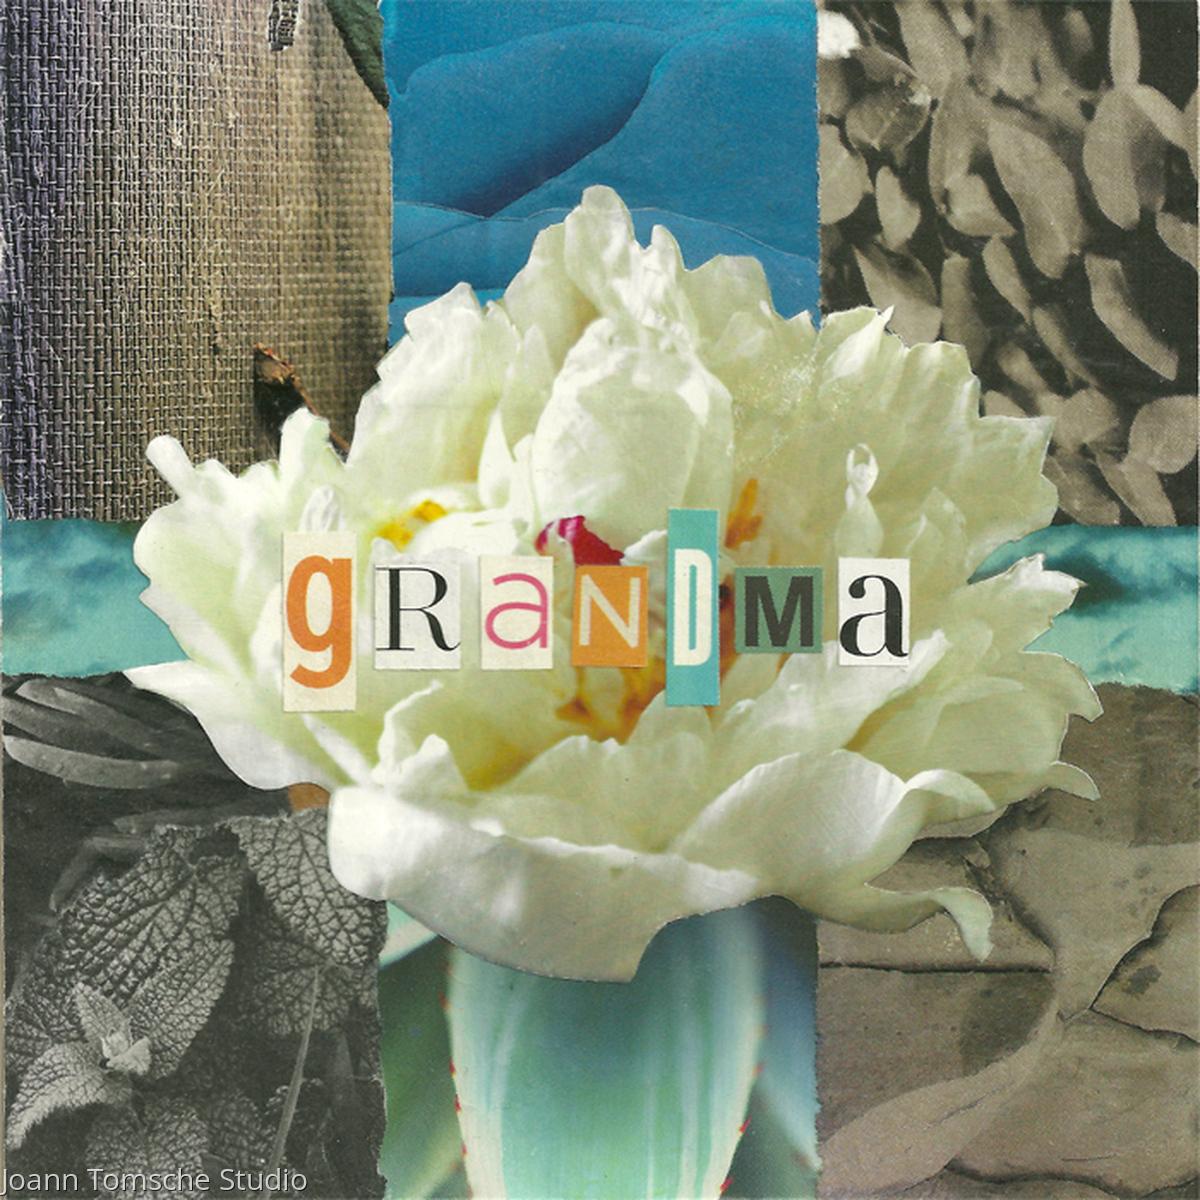 Grandma Rose Art Tile (large view)